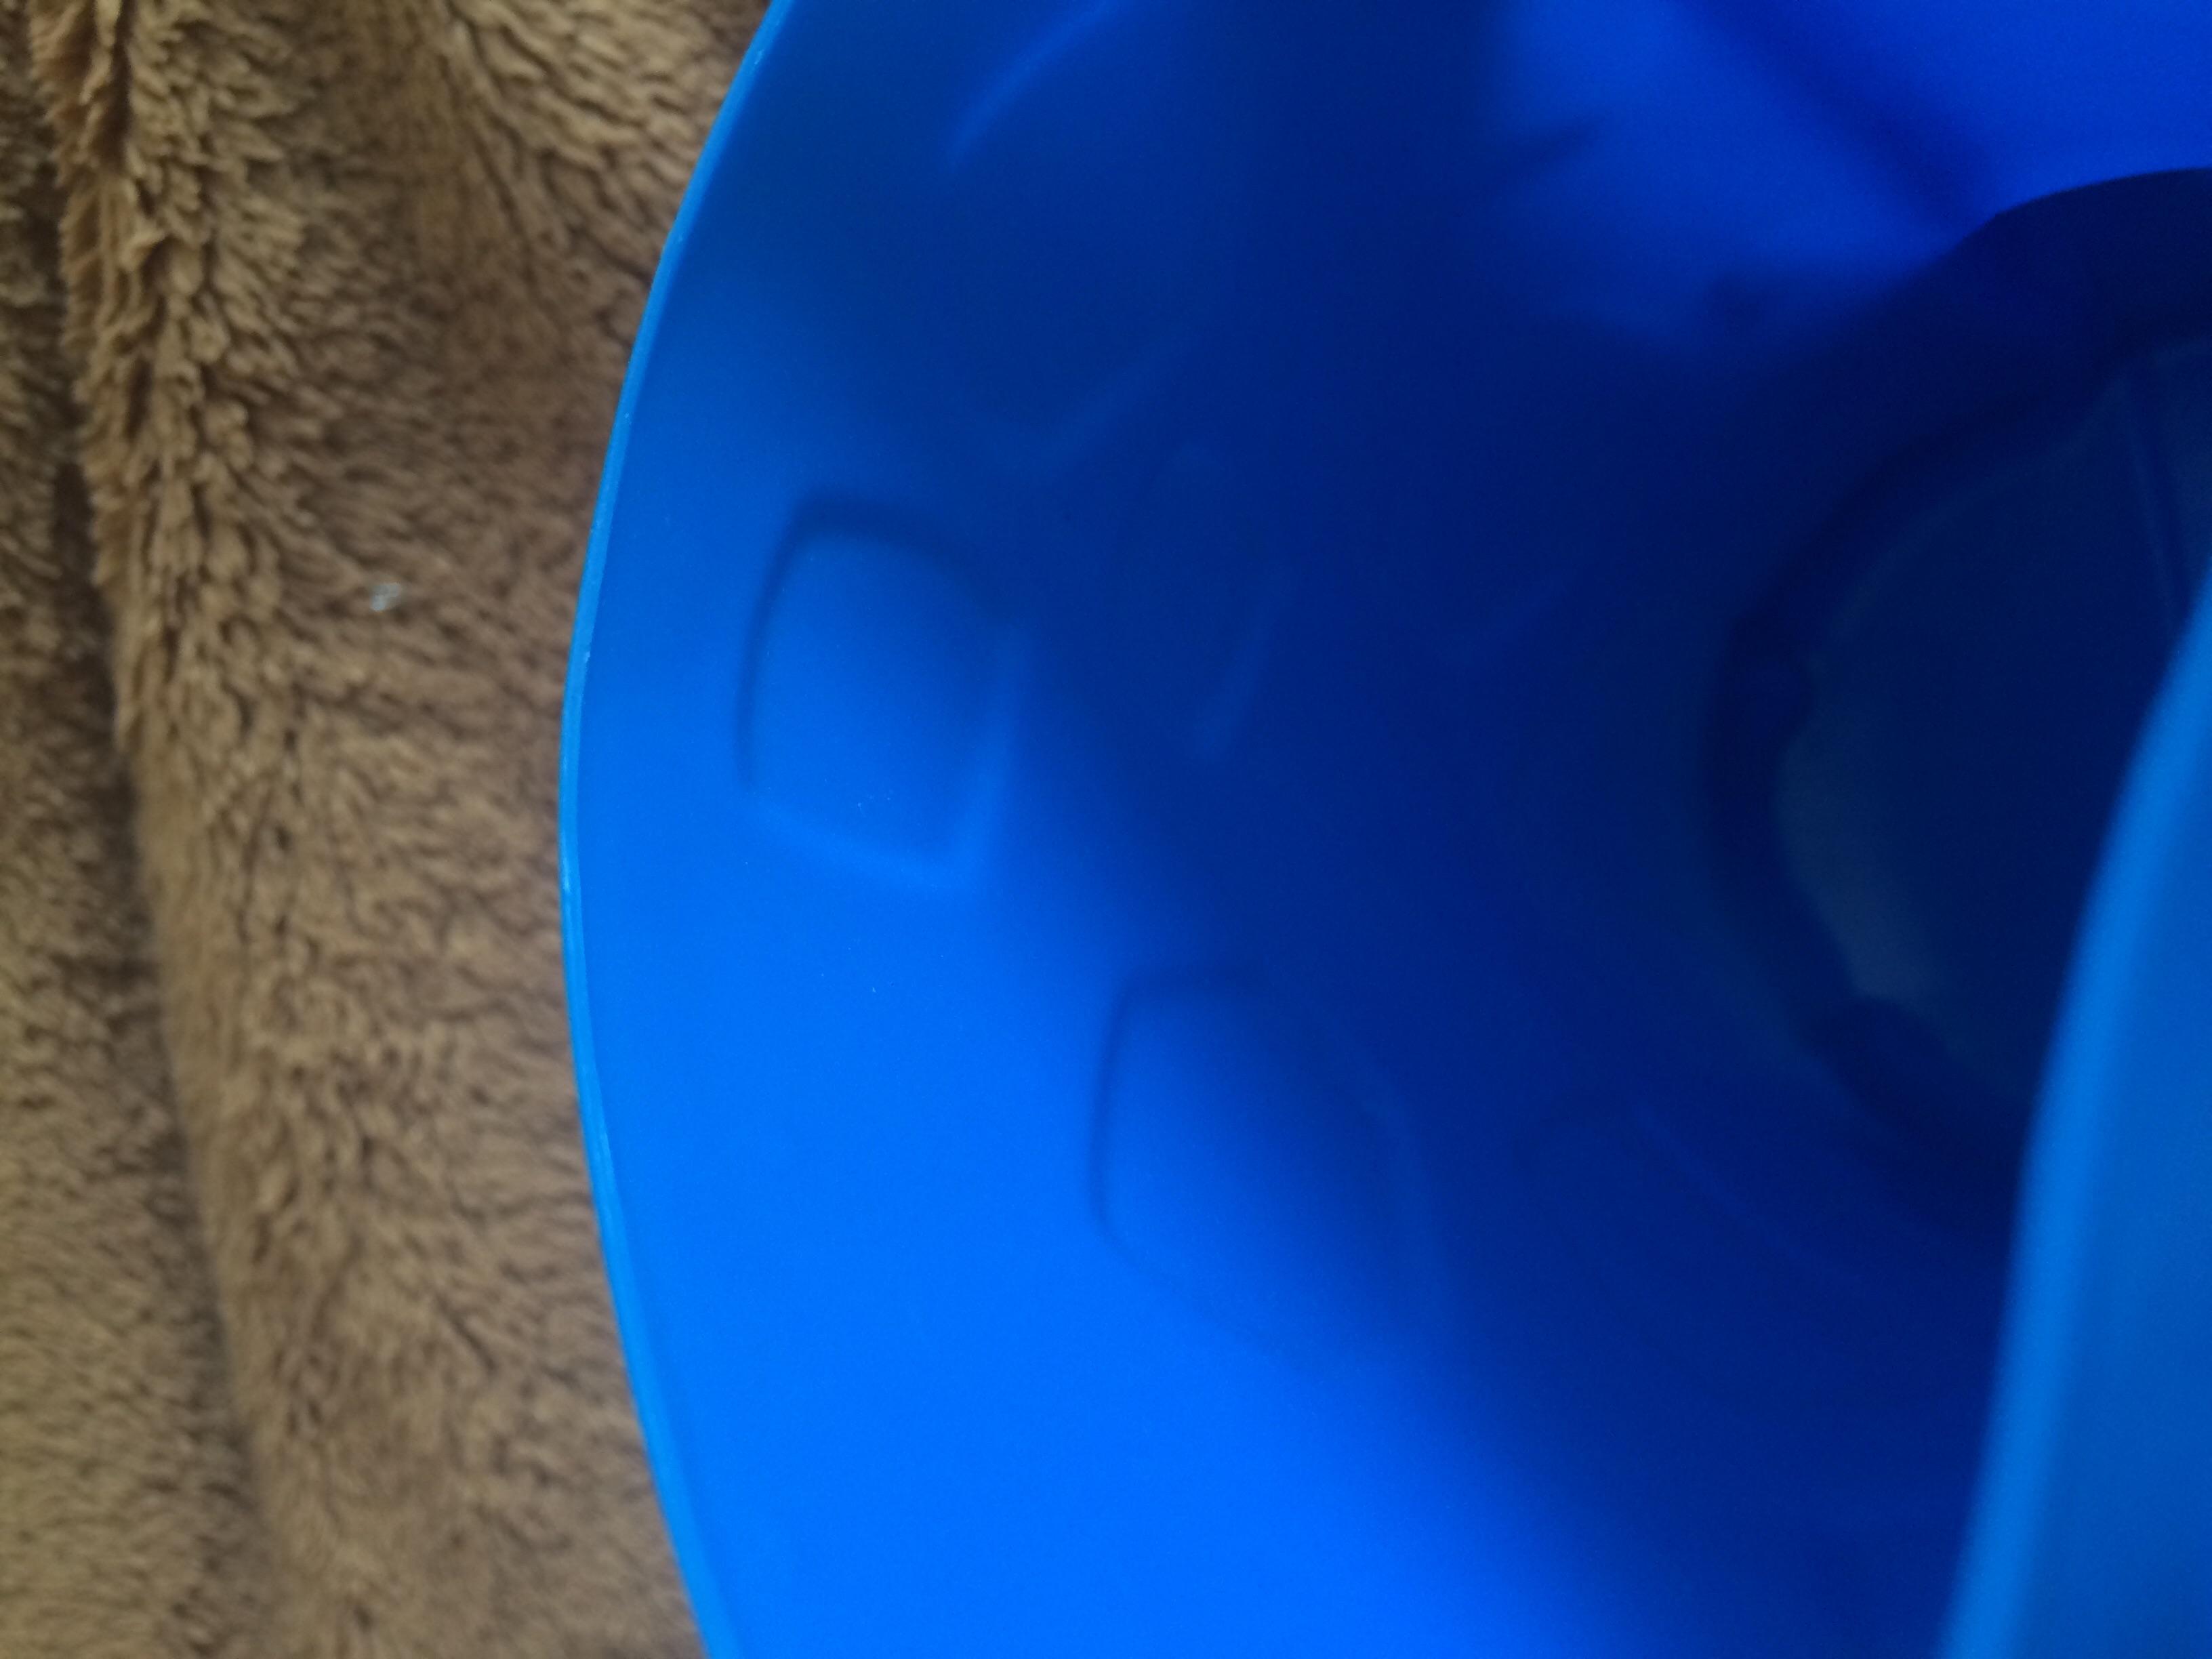 83 Munchkin Кувшин мягкий для мытья волос от пользователя Анастасия